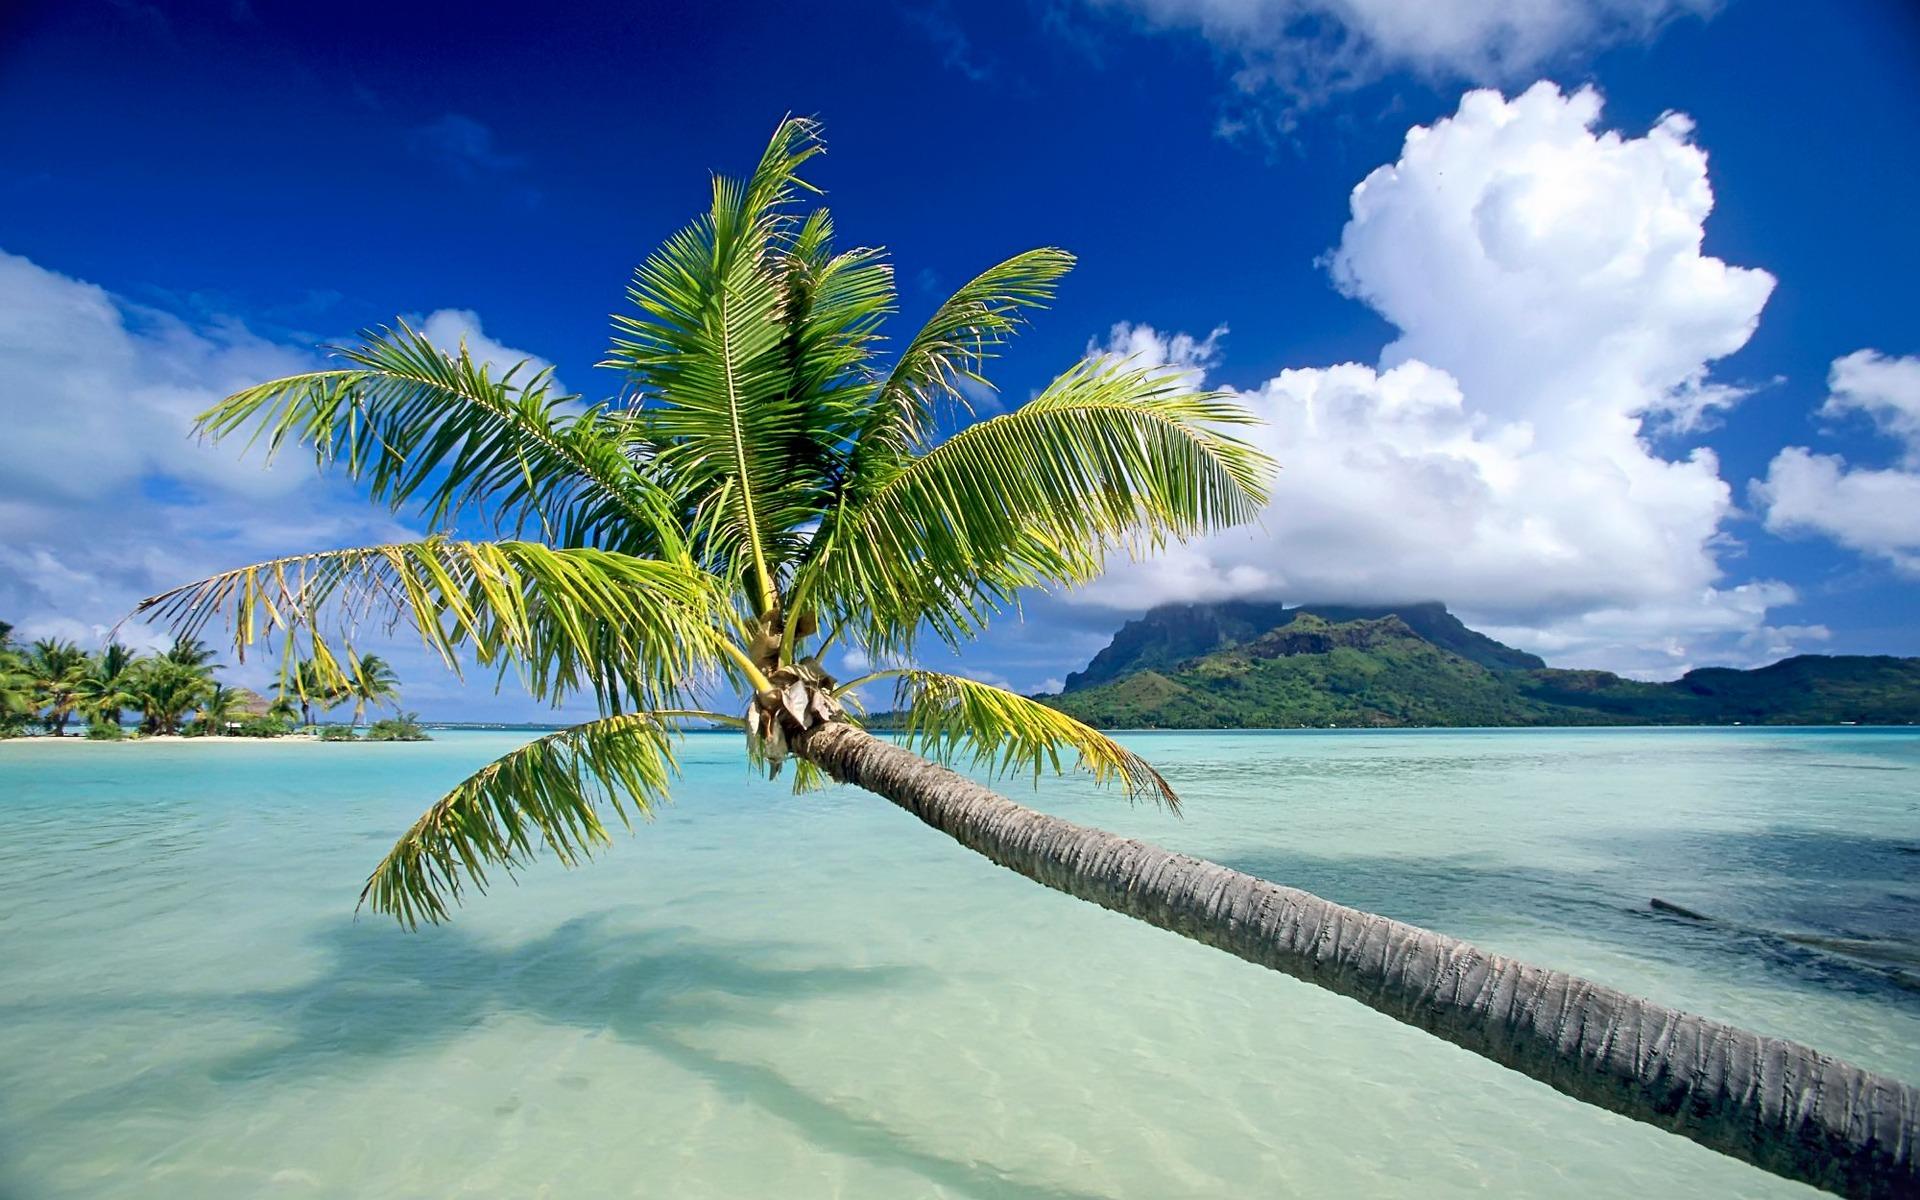 море, небо, пляж, пальмы, скачать фото, обои для рабочего стола, beach wallpaper